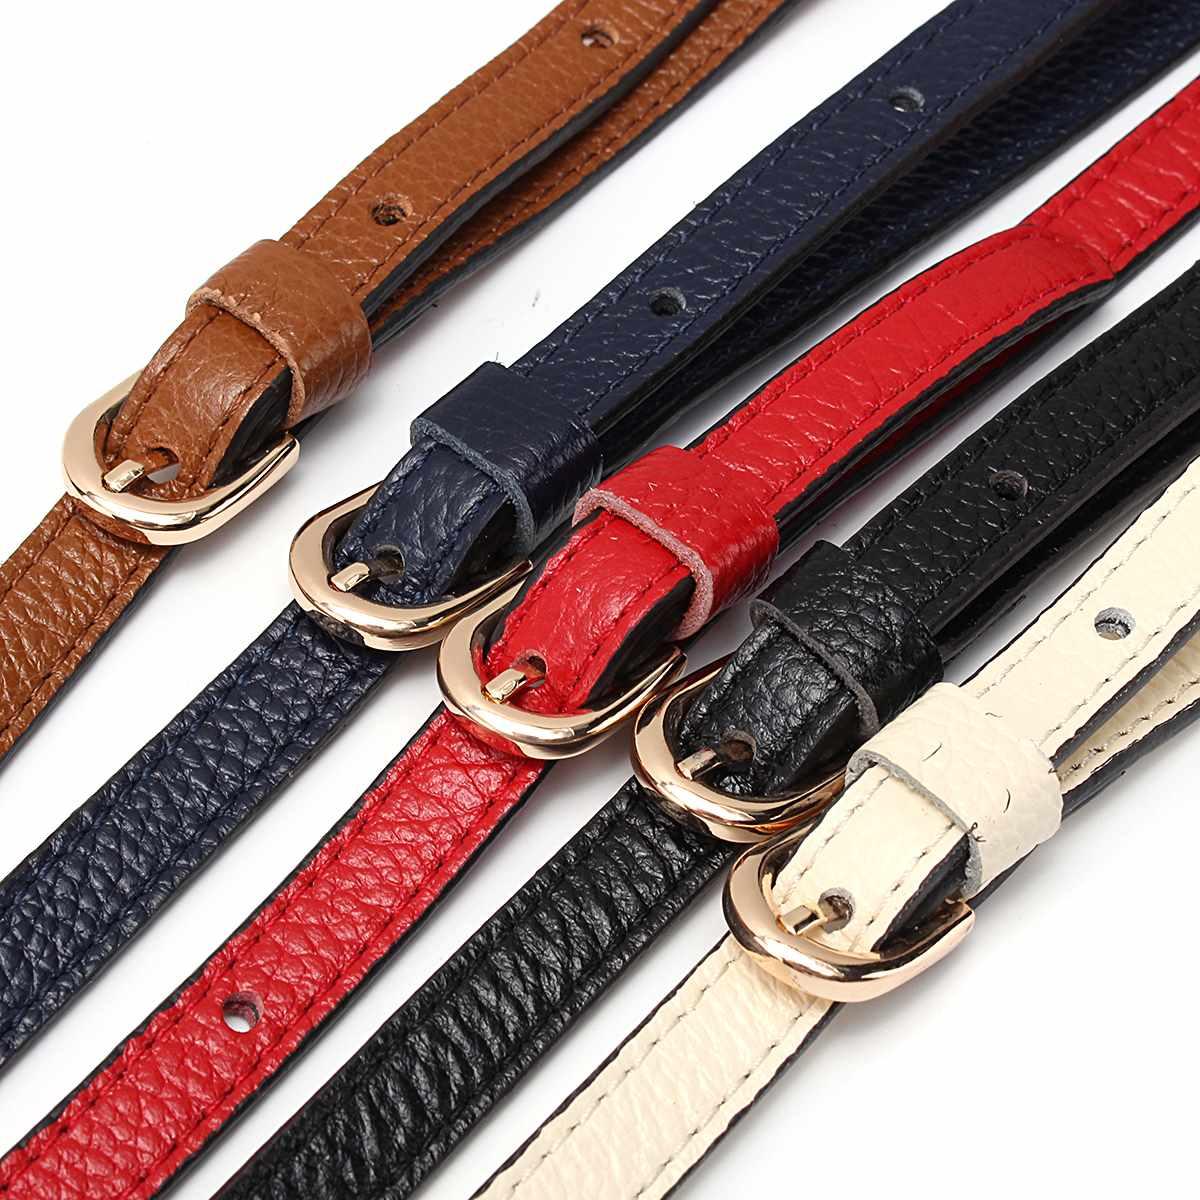 Cow Leather Bag Straps Replacement Diy Shoulder Belts Adjule Strap Belt For Long Handbag